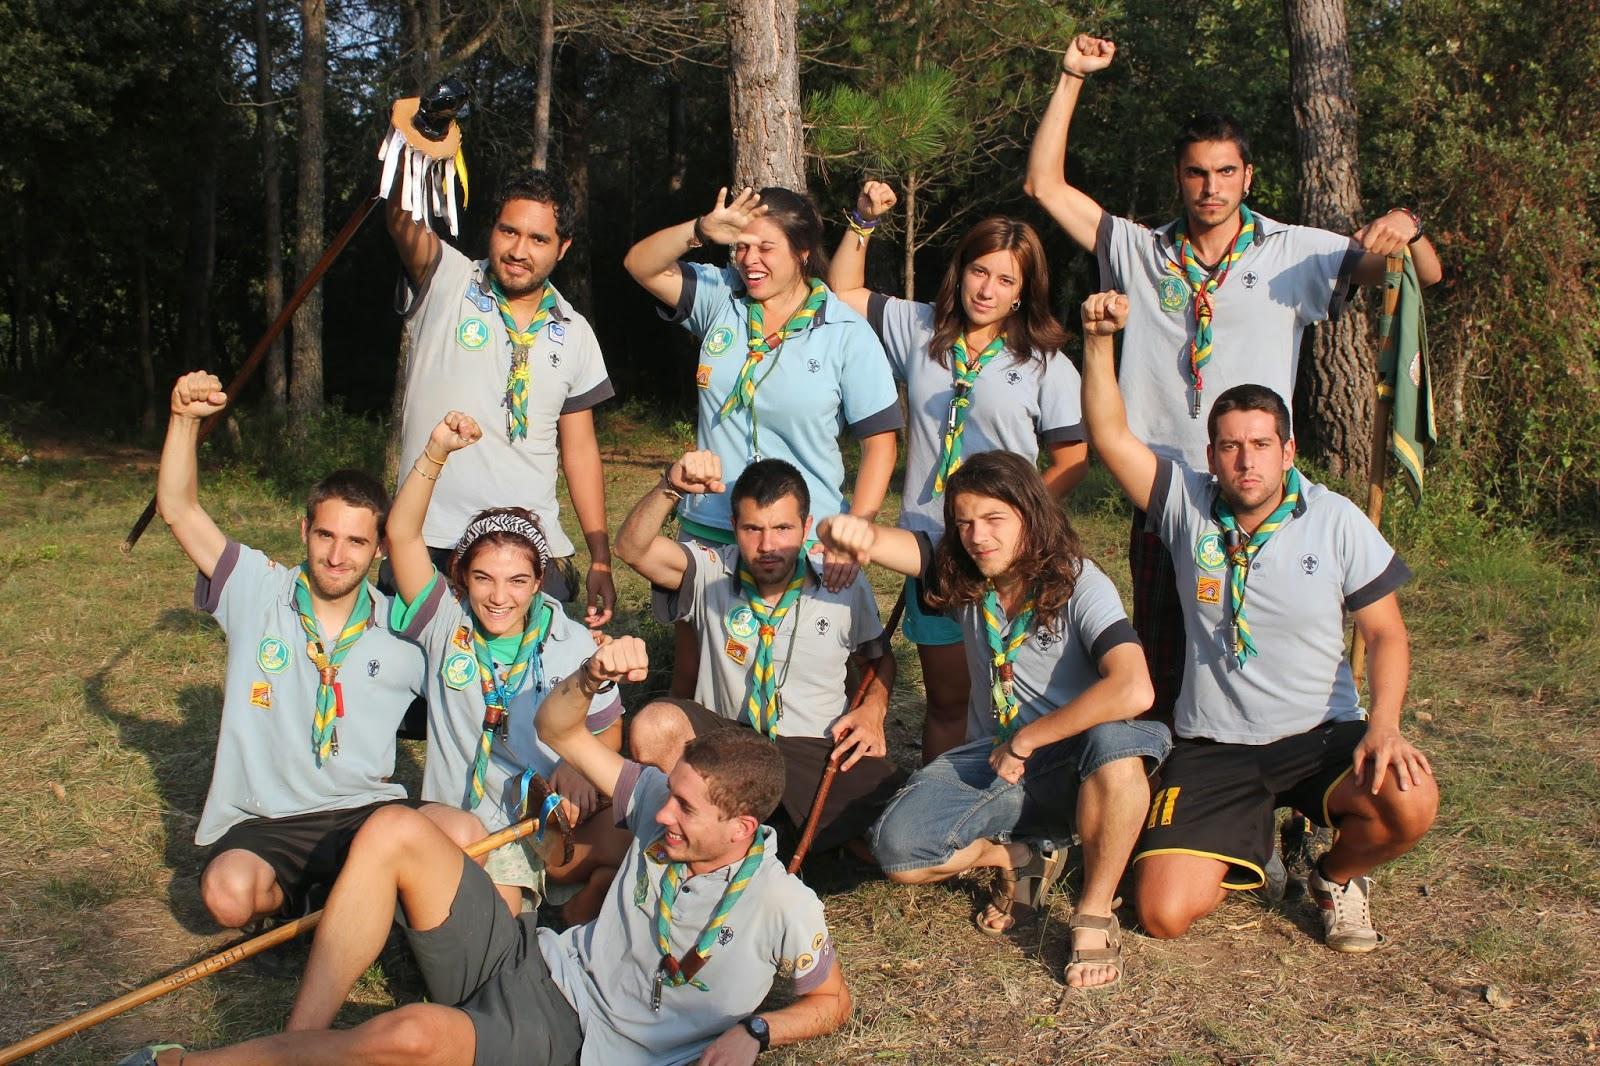 Campaments Estiu Cabanelles 2014 - IMG_0560.JPG